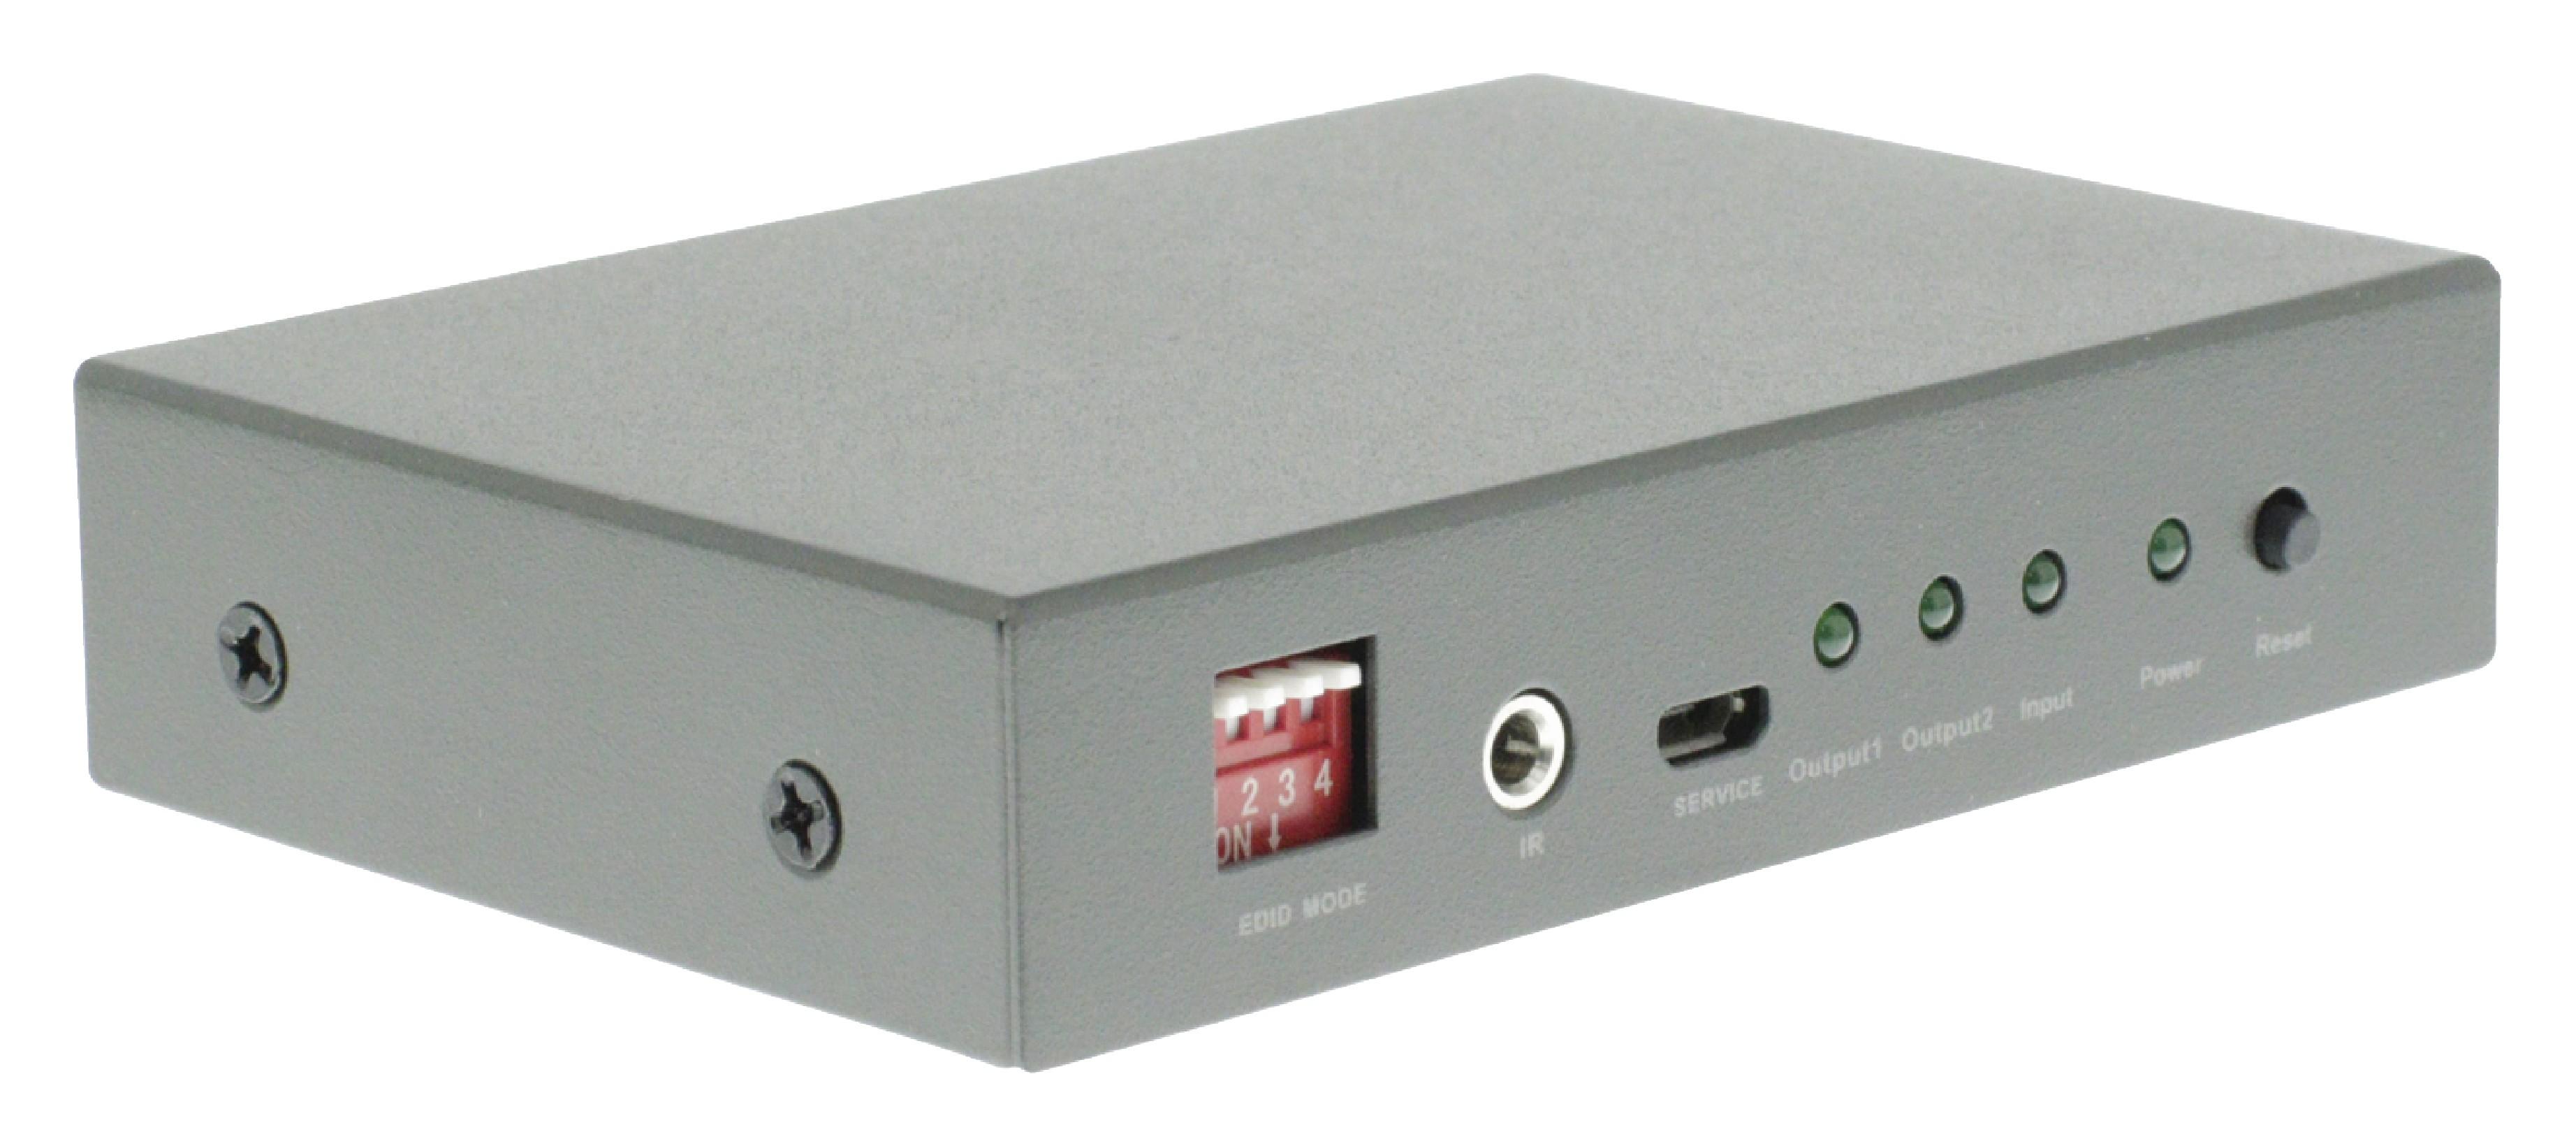 HDMI 4K2K rozbočovač 1 vstup na 2 výstupy König KNVSP3402